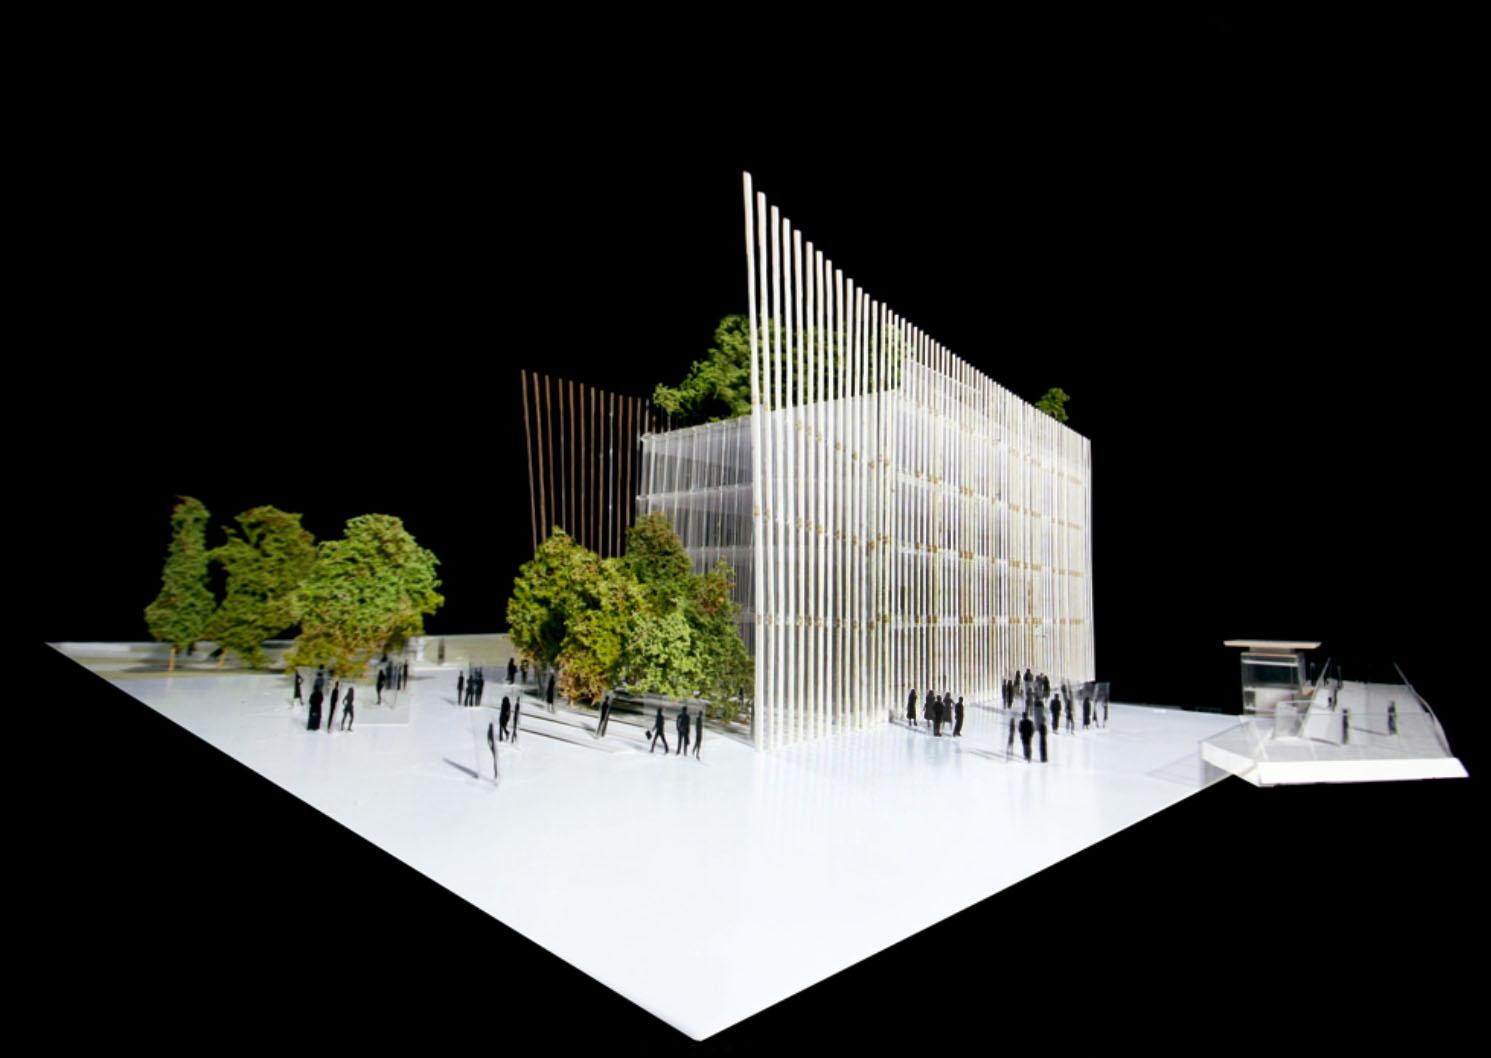 Milano porta nuova ecco il nuovo hines he3 urbanfile for Cucinella architects